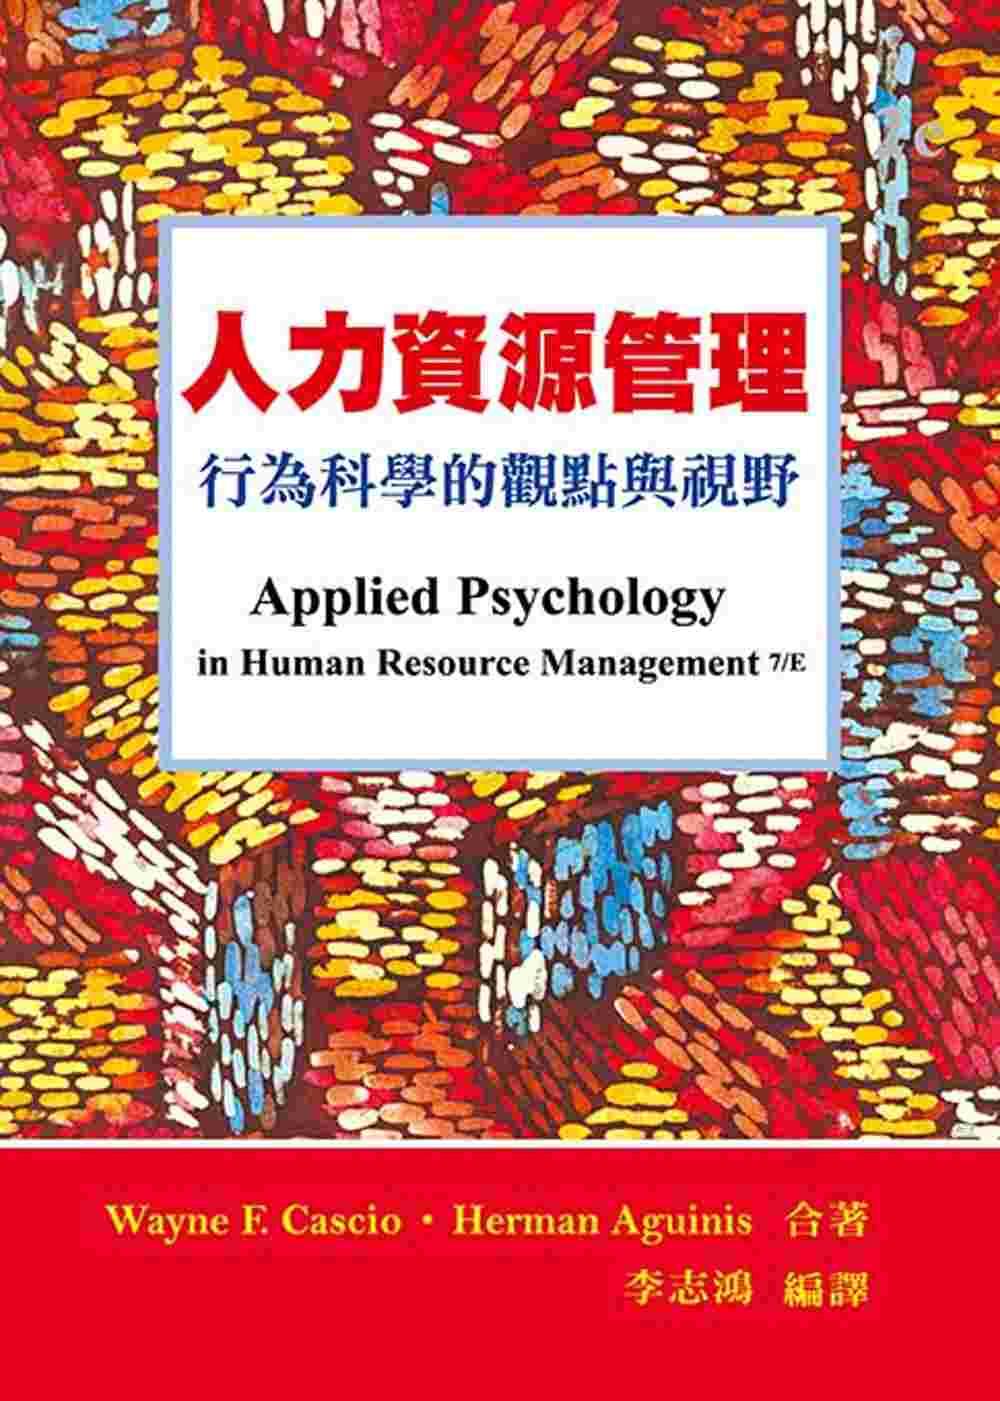 人力資源管理:行為科學的觀點與視野